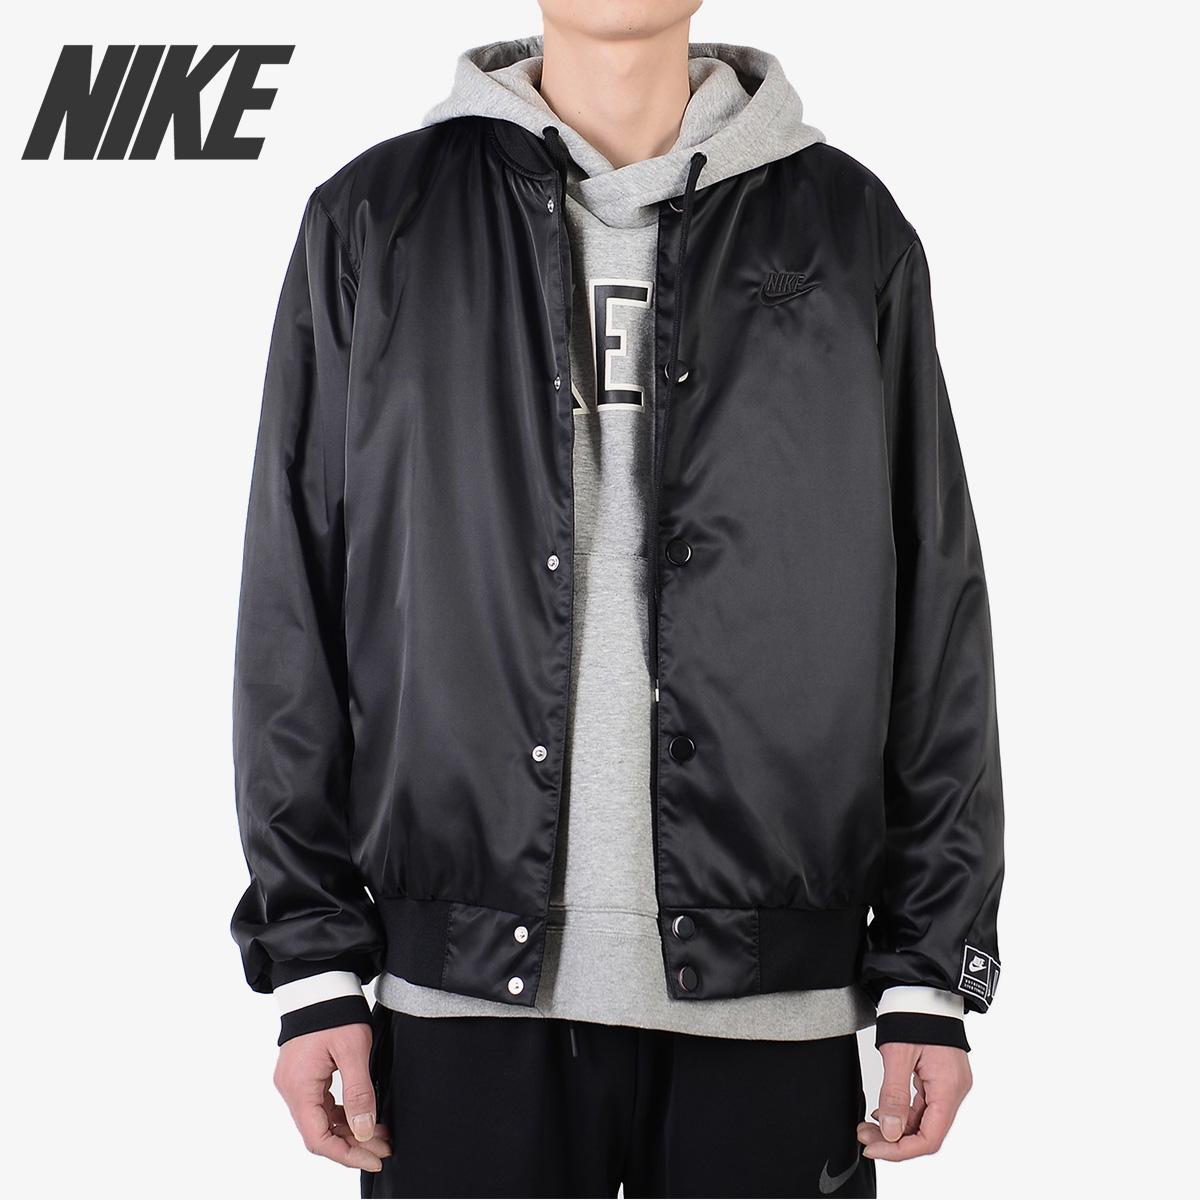 Nike/耐克正品19年新款 NIKE AIR 男子梭织夹克棉服外套AR1838